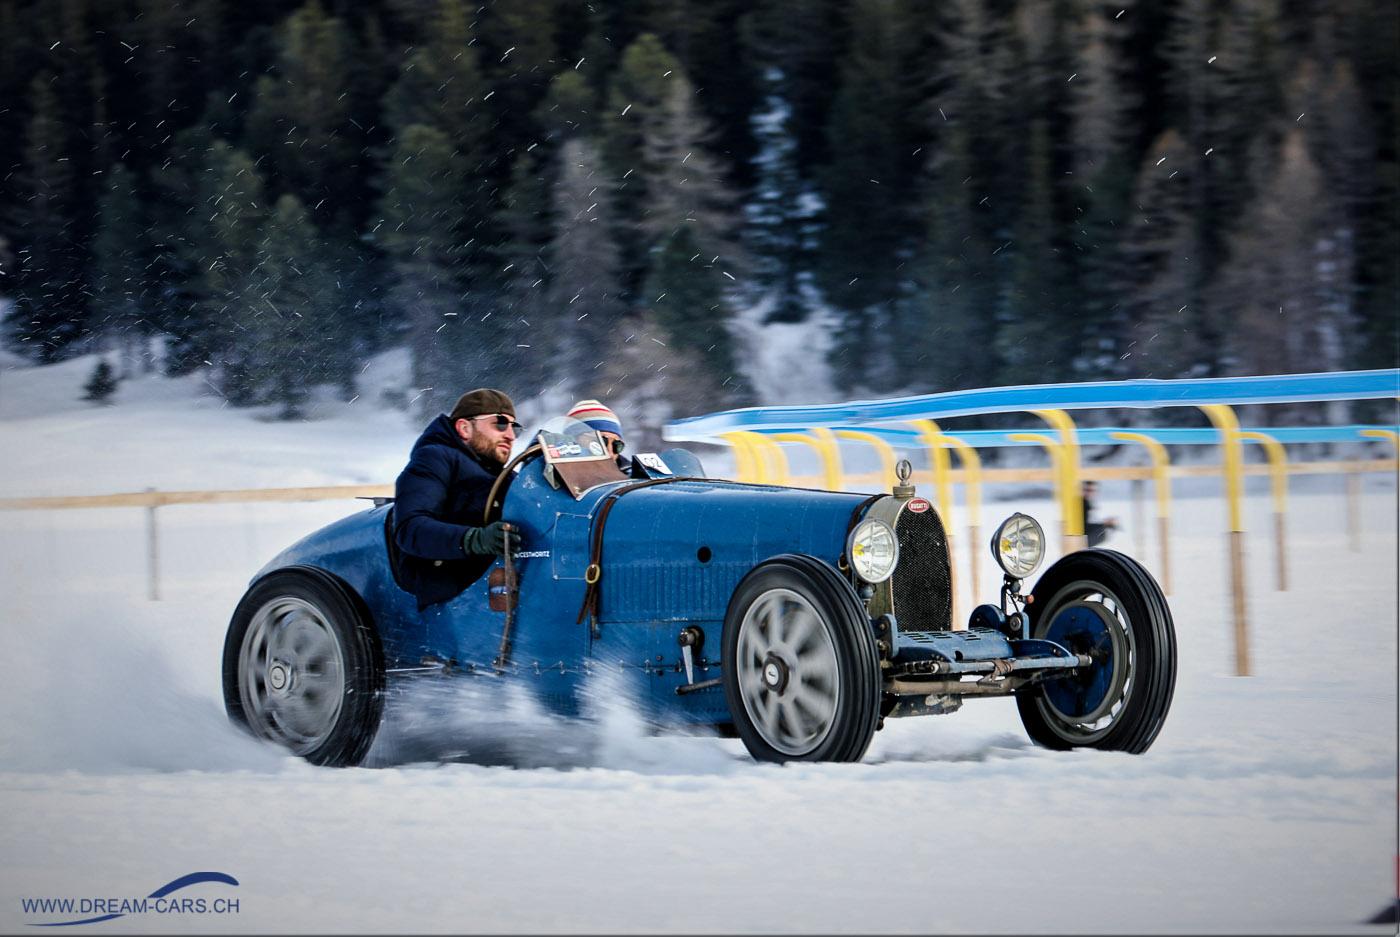 The Ice, Bugatti 35 auf dem gefrorenen See